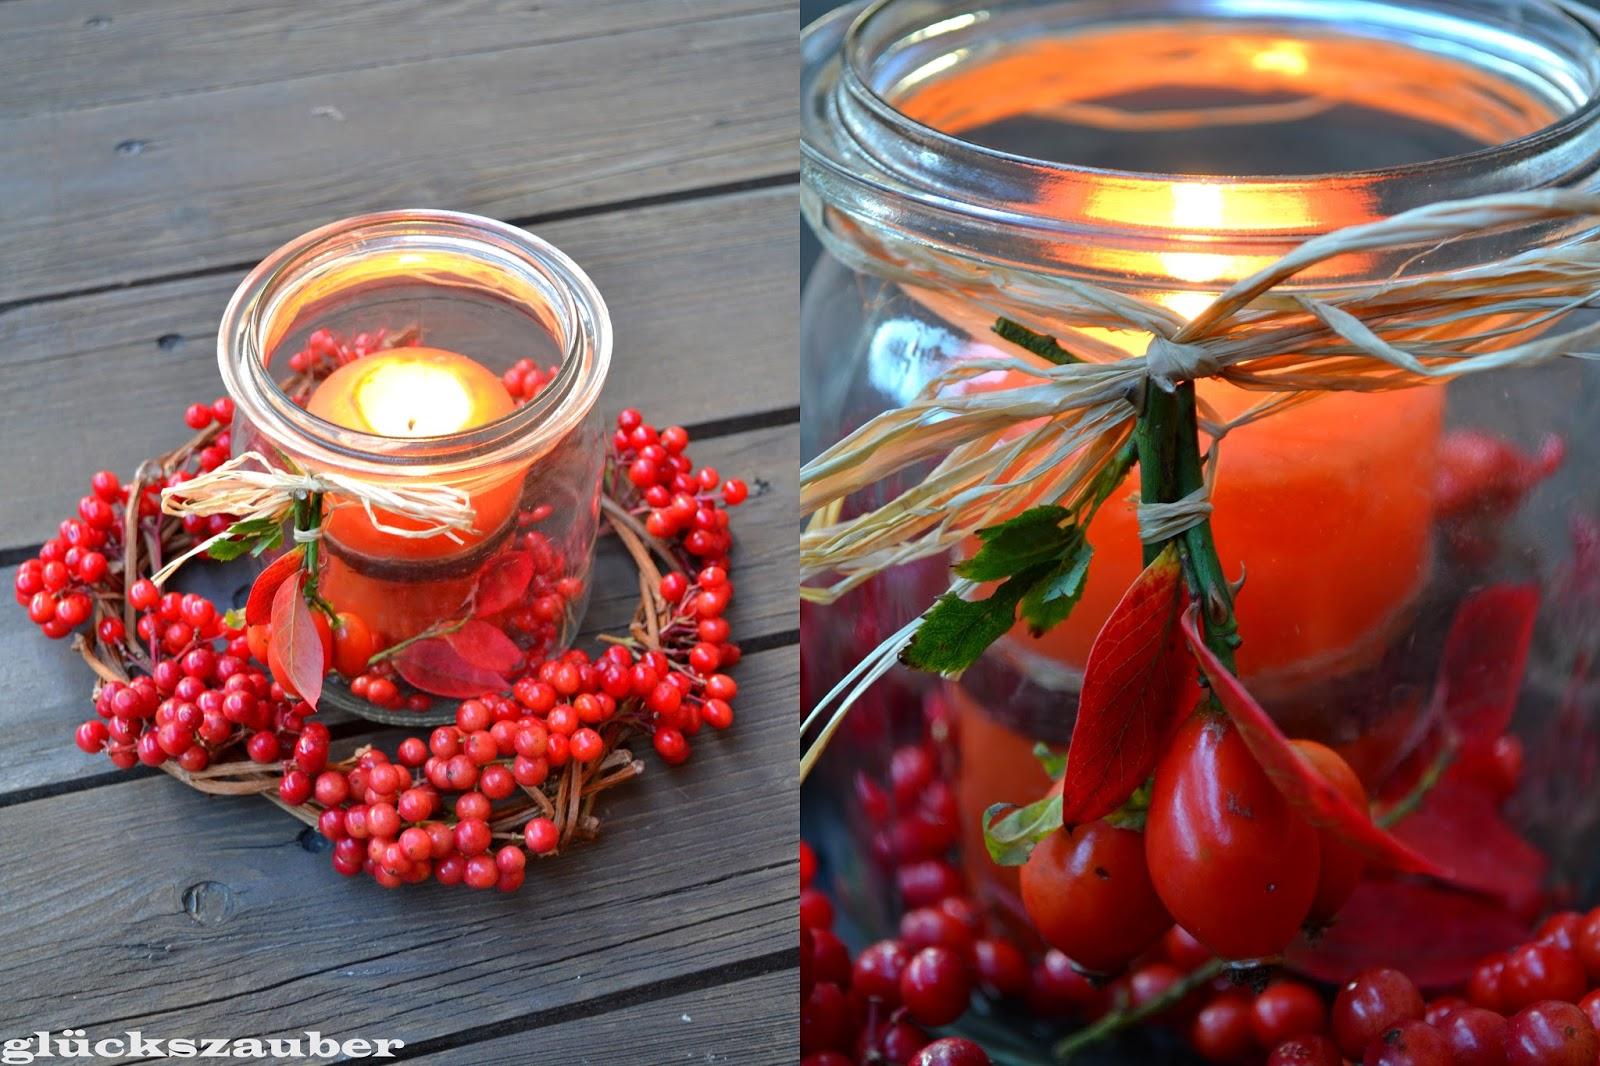 glückszauber  Herbstdekoration mit roten Beeren und